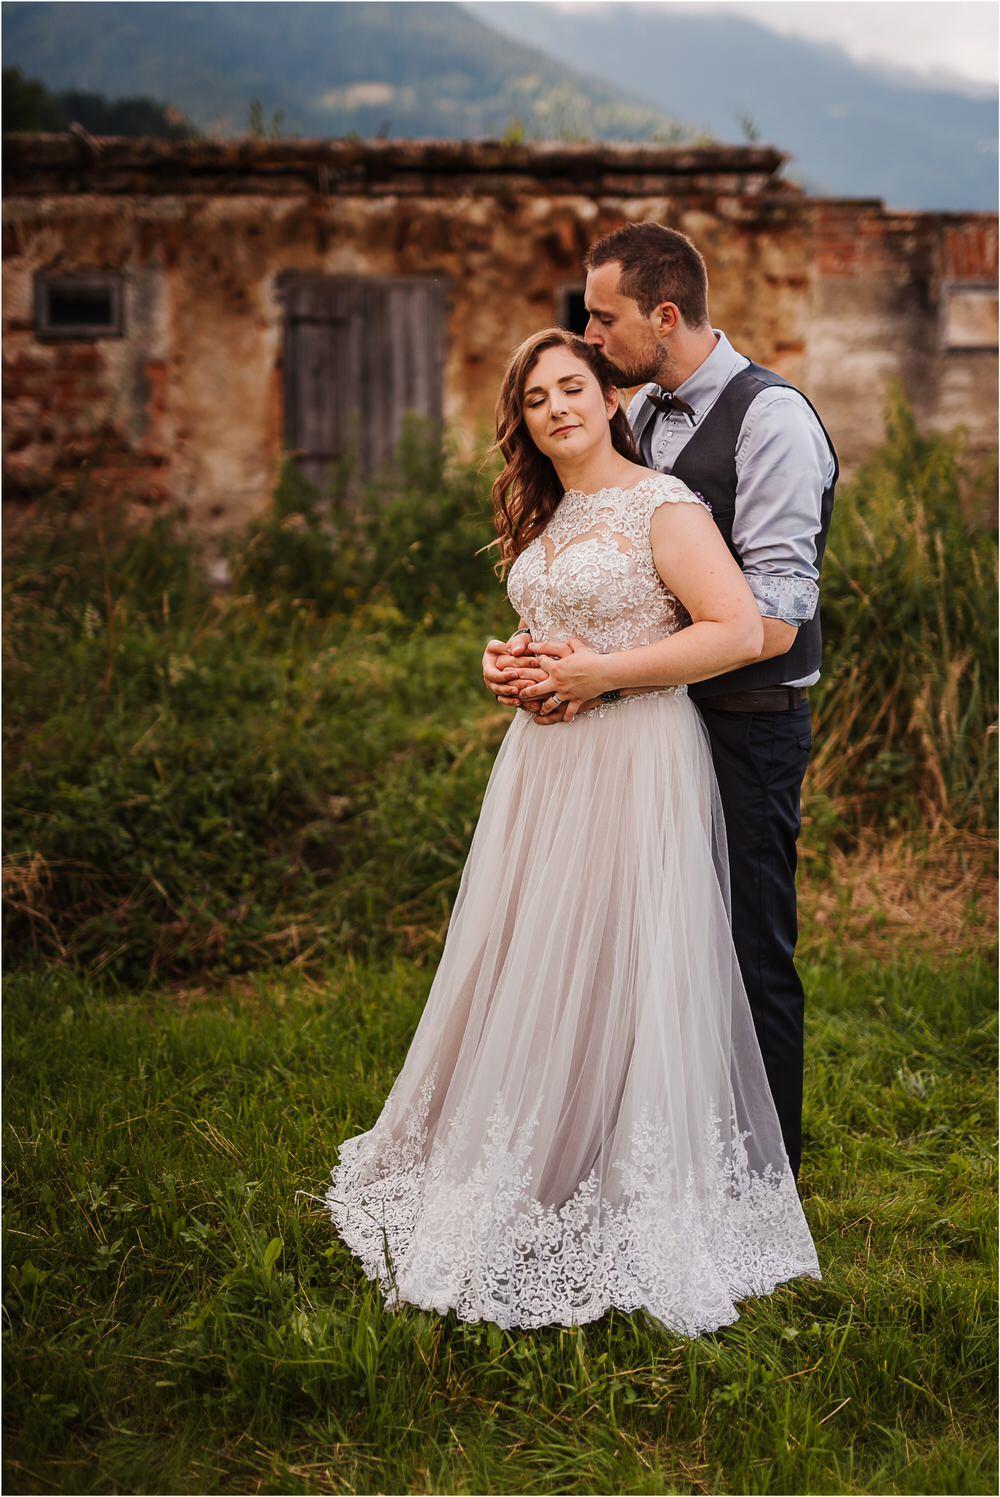 goriska brda poroka fotgorafija fotograf fotografiranje porocno kras primorska obala romanticna boho poroka rustikalna nika grega 0053.jpg